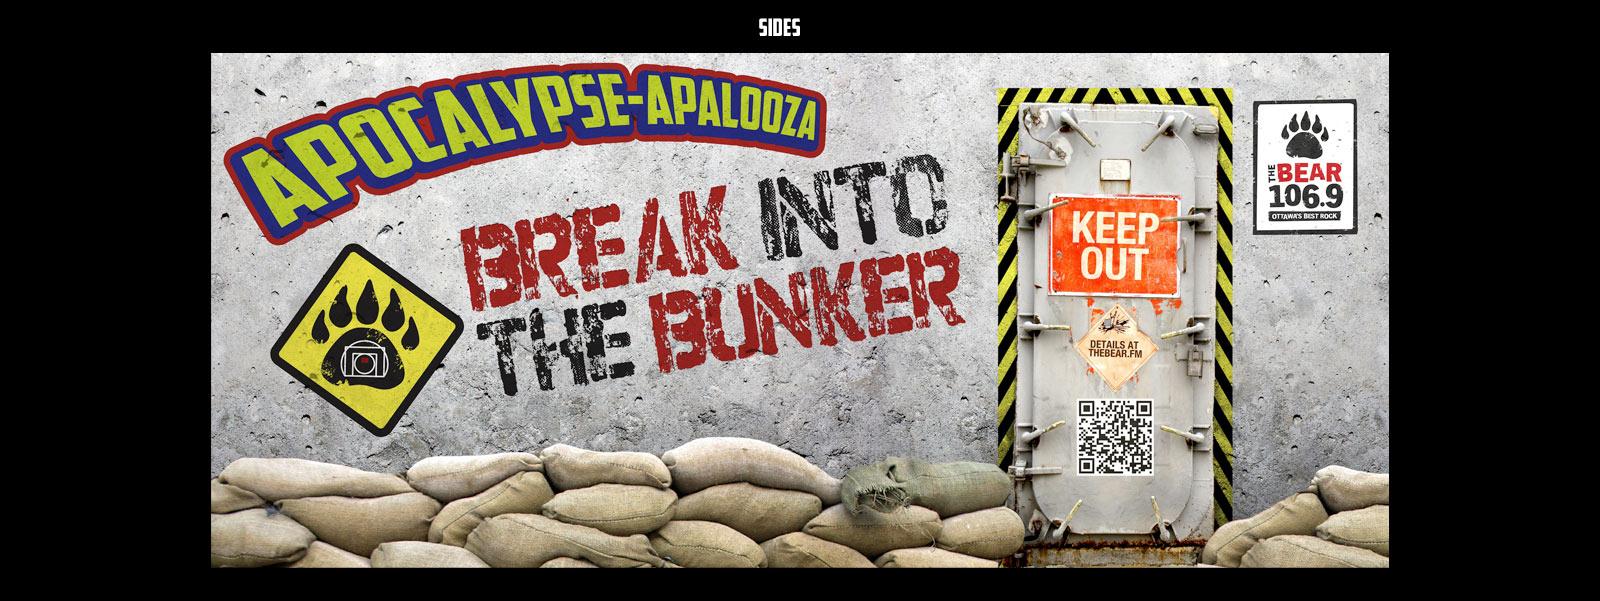 trailer_mock-up-sides.jpg